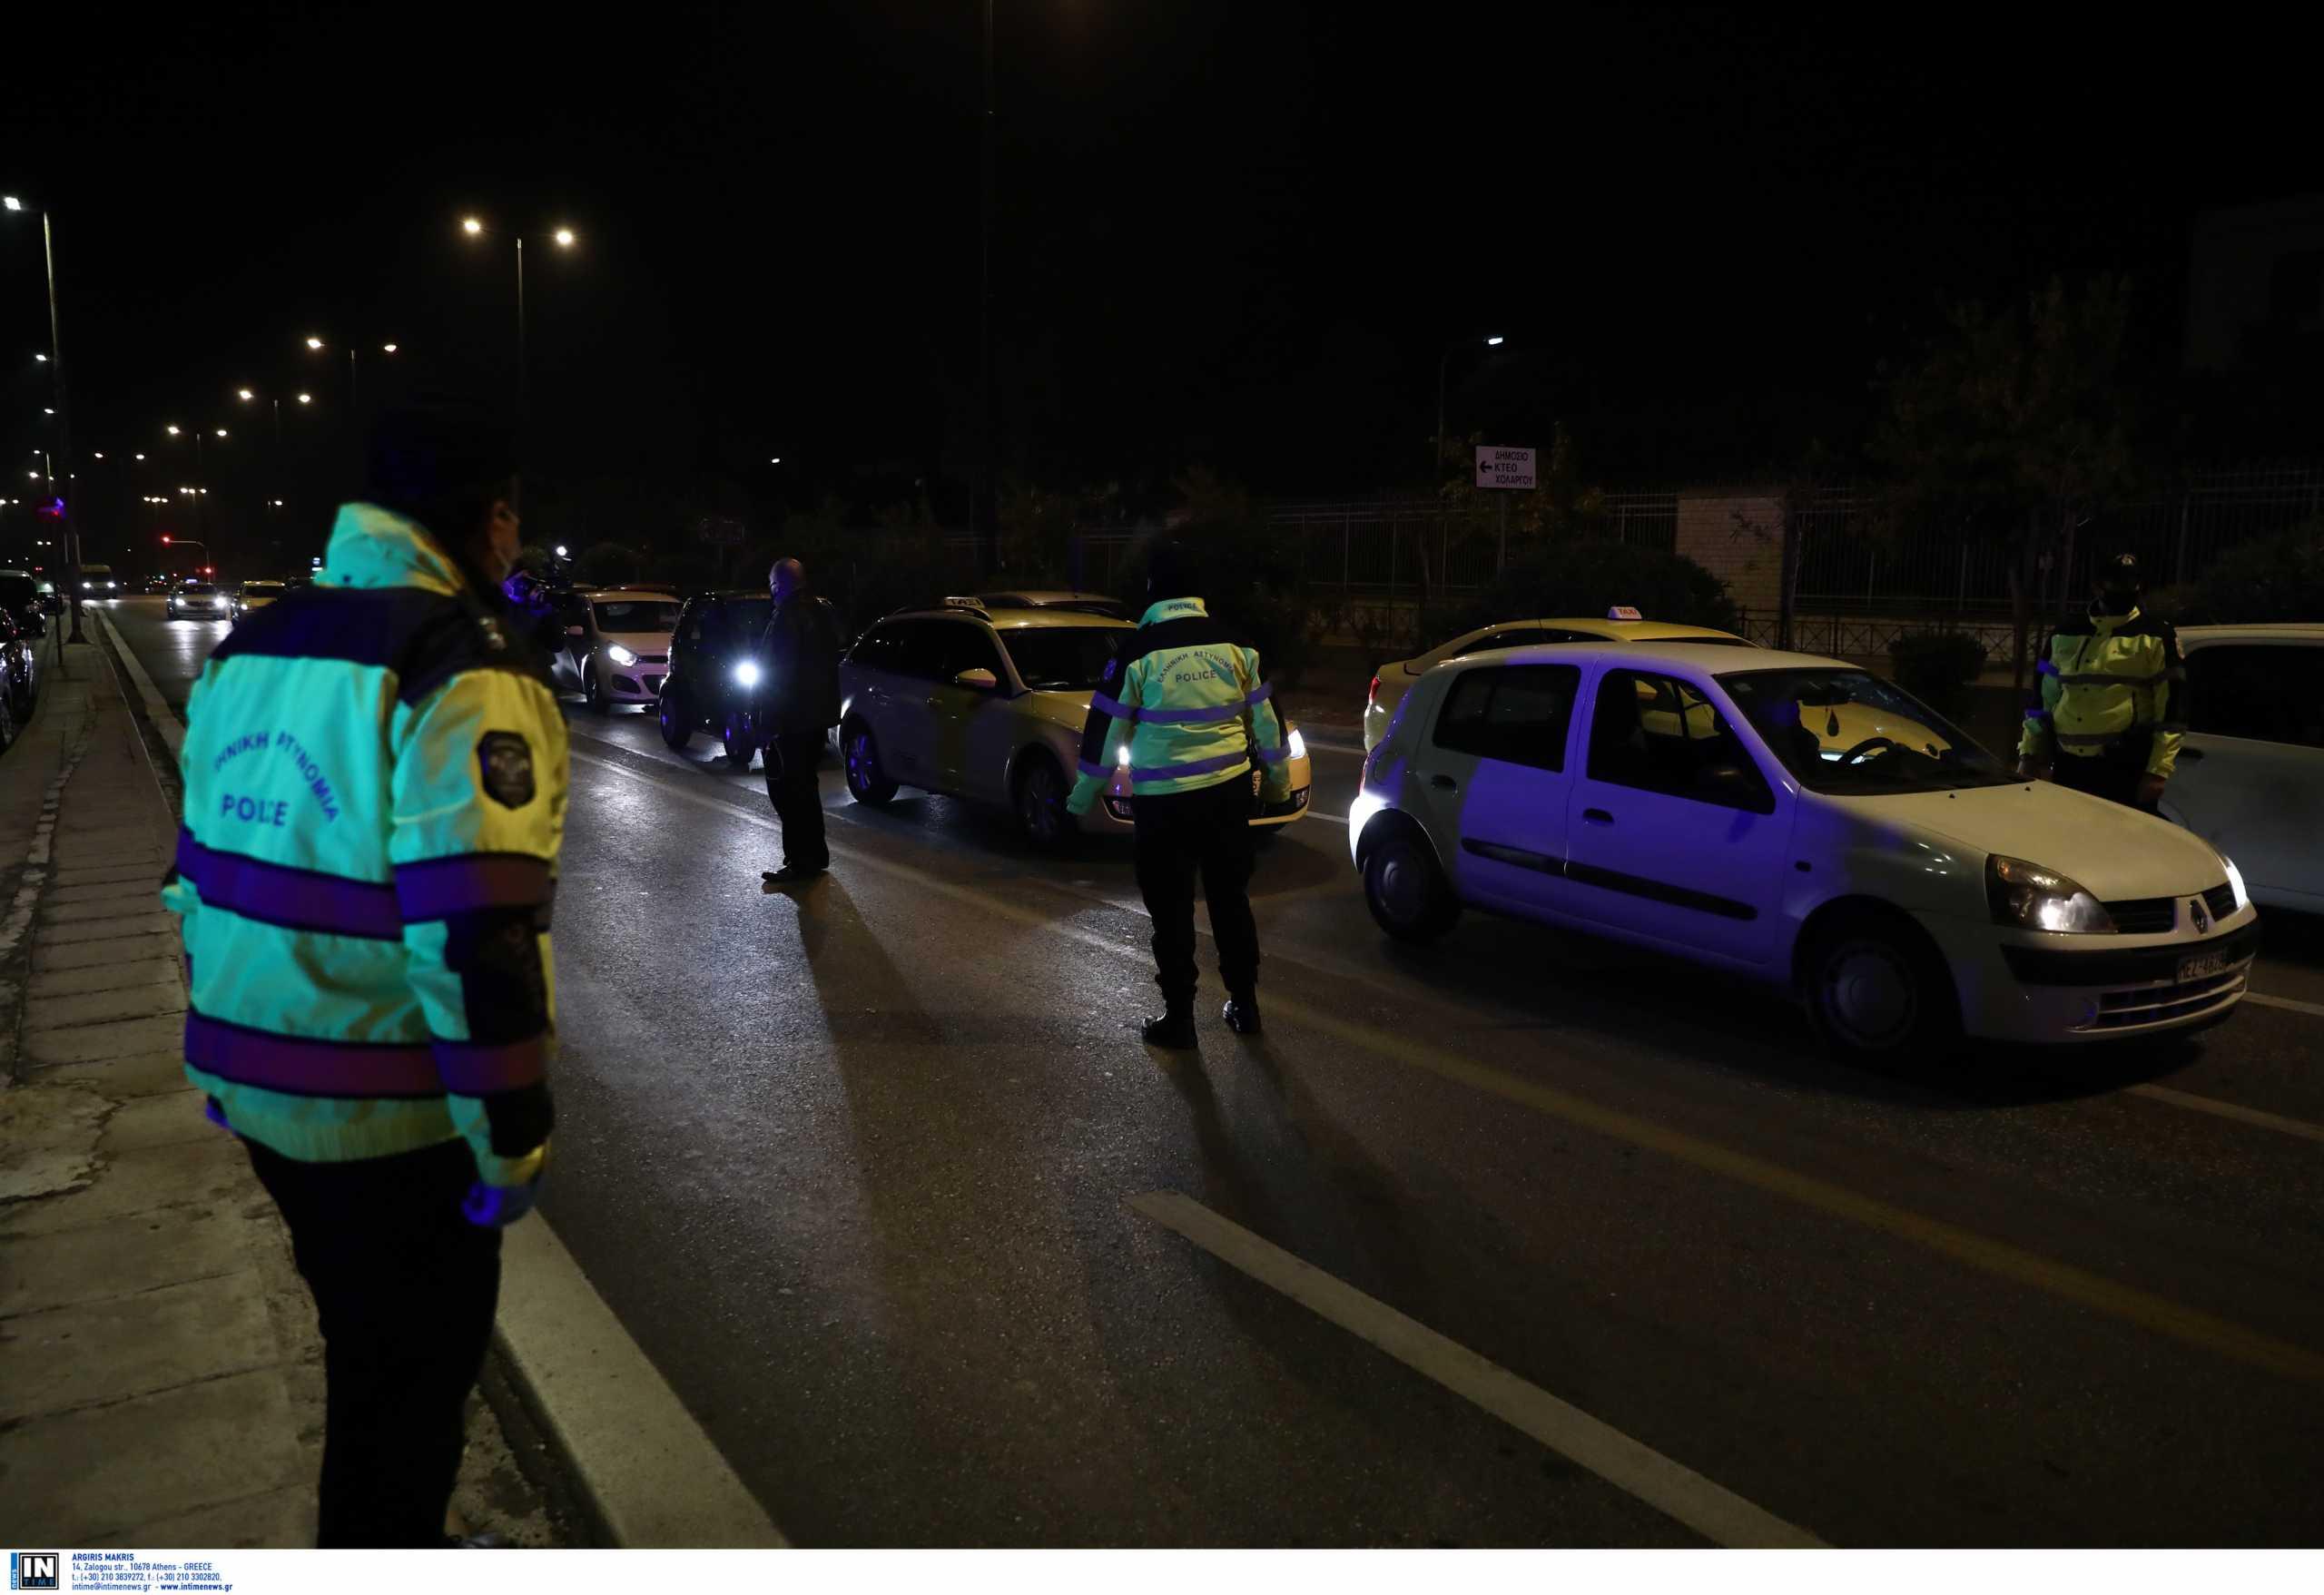 Κορονοϊός: Συλλήψεις και πρόστιμα 409.450 ευρώ για μη τήρηση των μέτρων – Τι συνέβη σε αγροτικό συνεταιρισμό